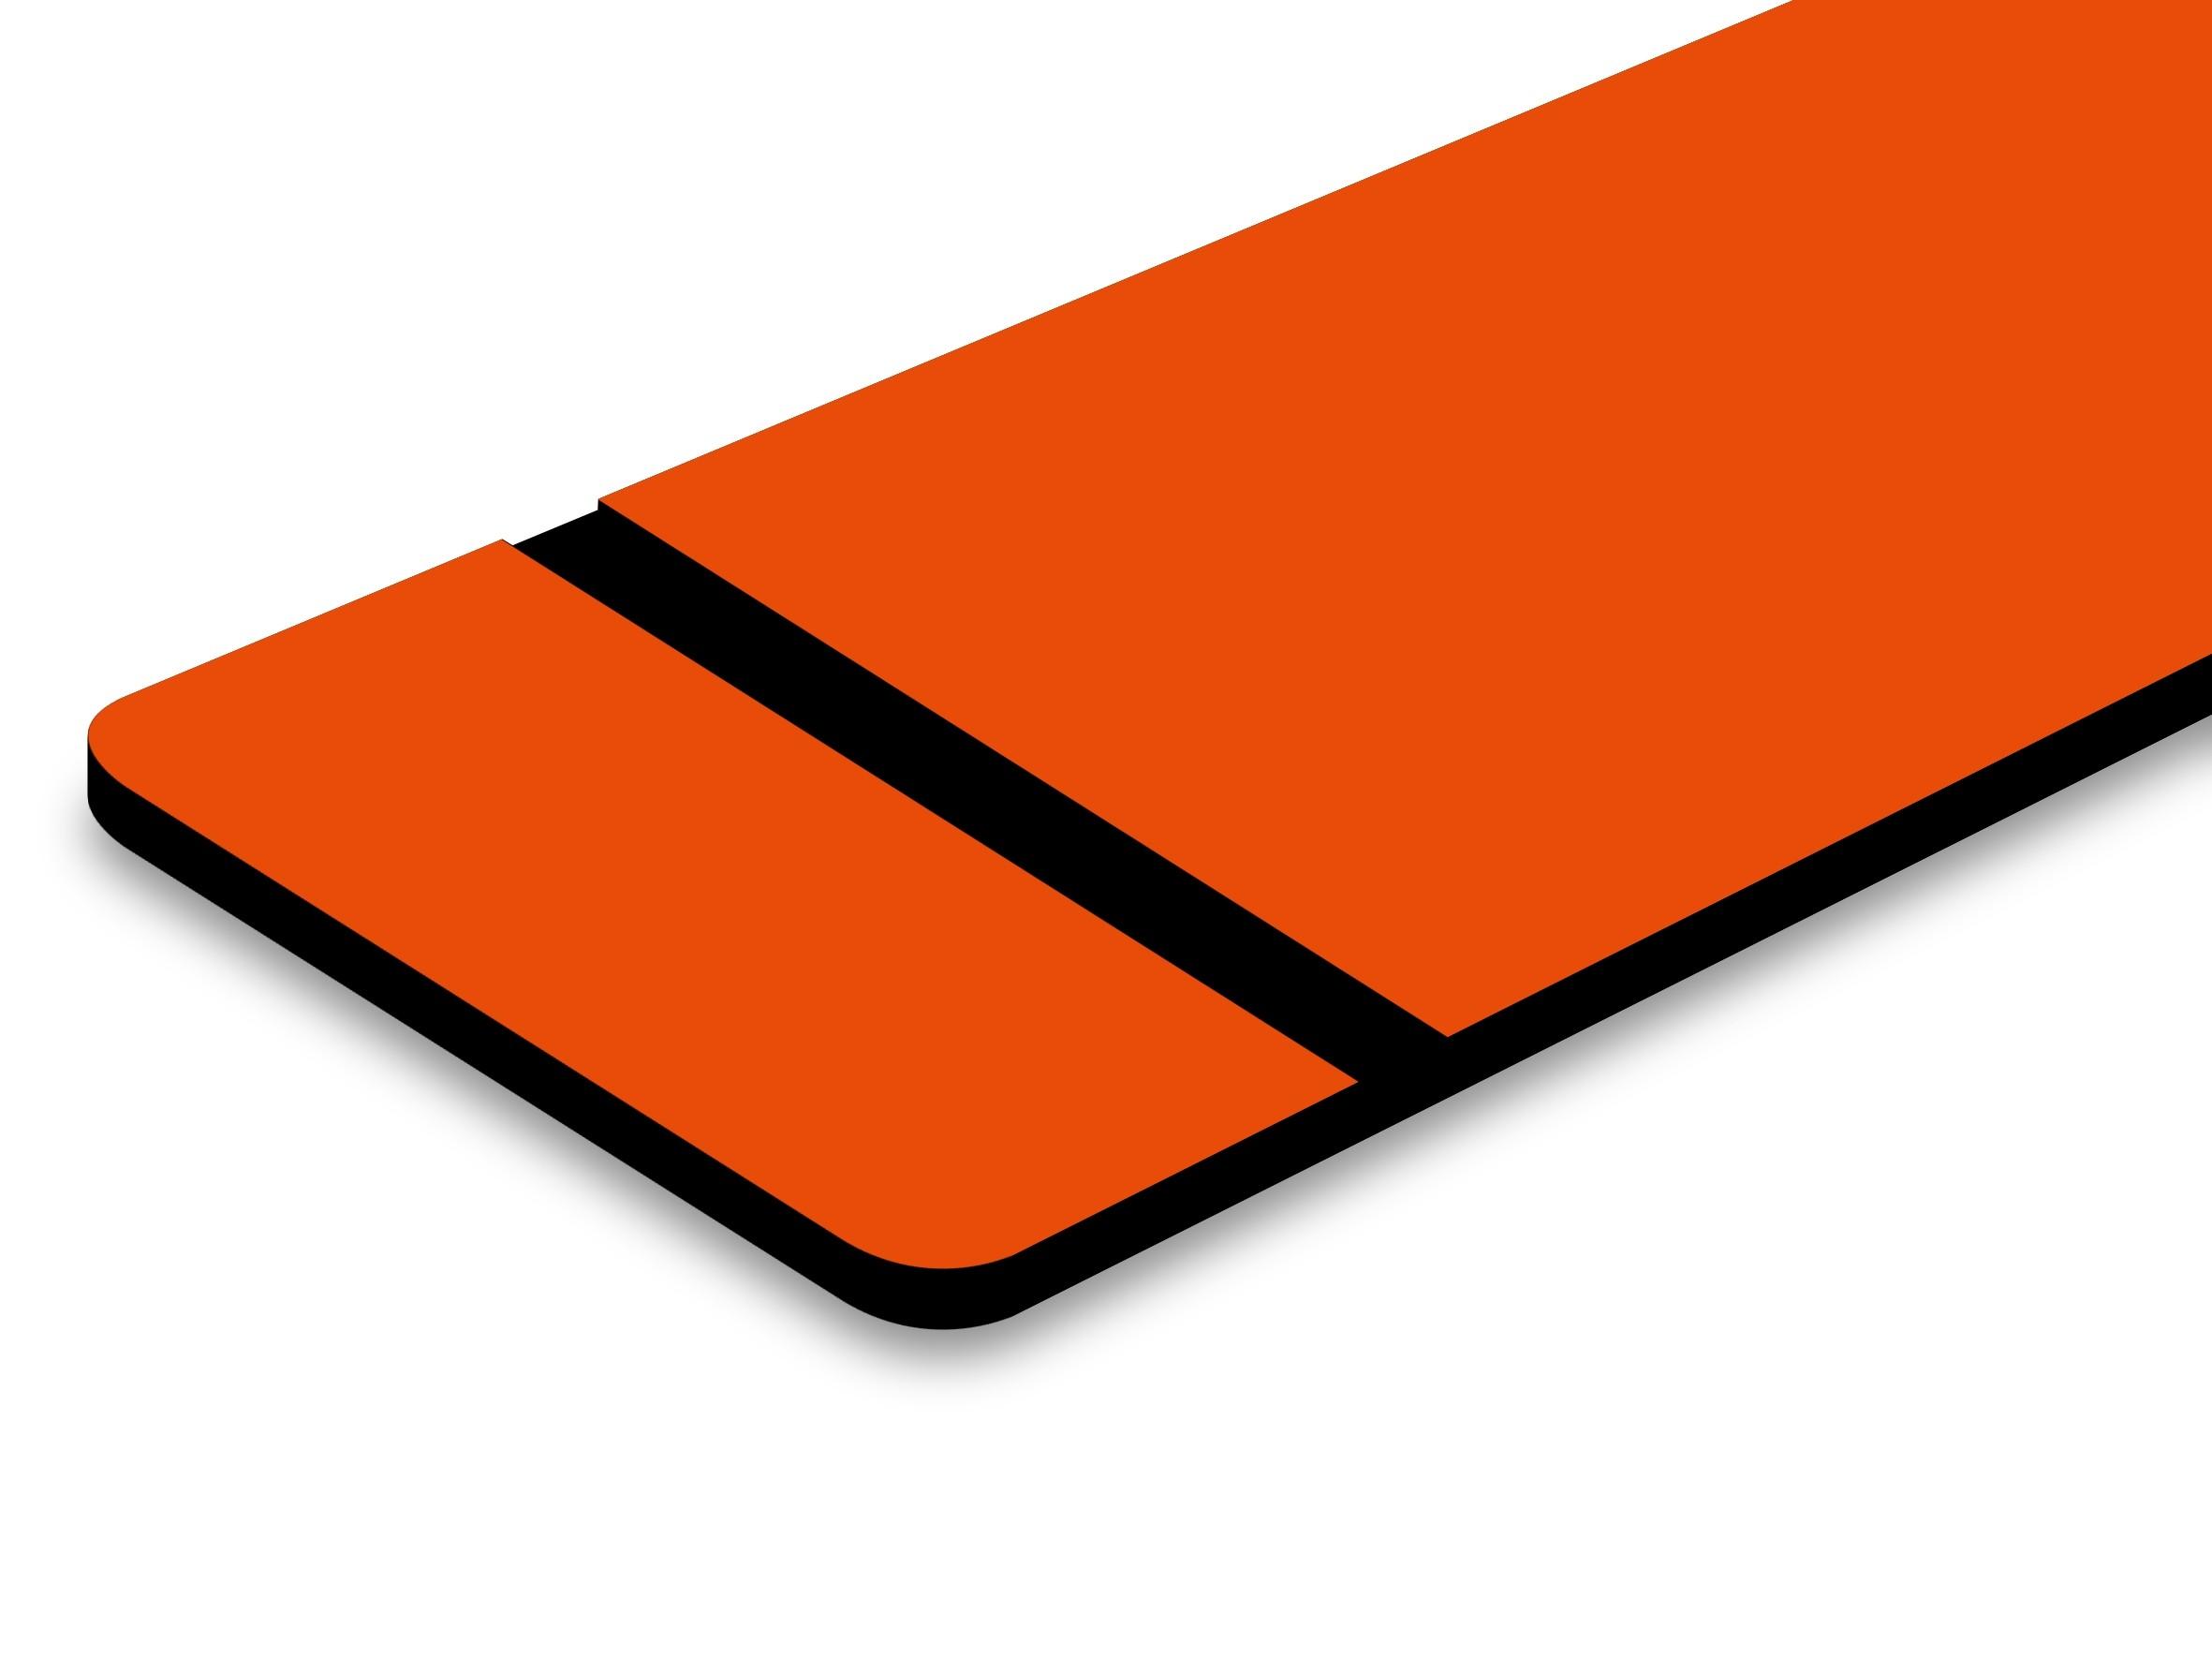 L614-203 Pomarańczowy/Czarny 0,8mm